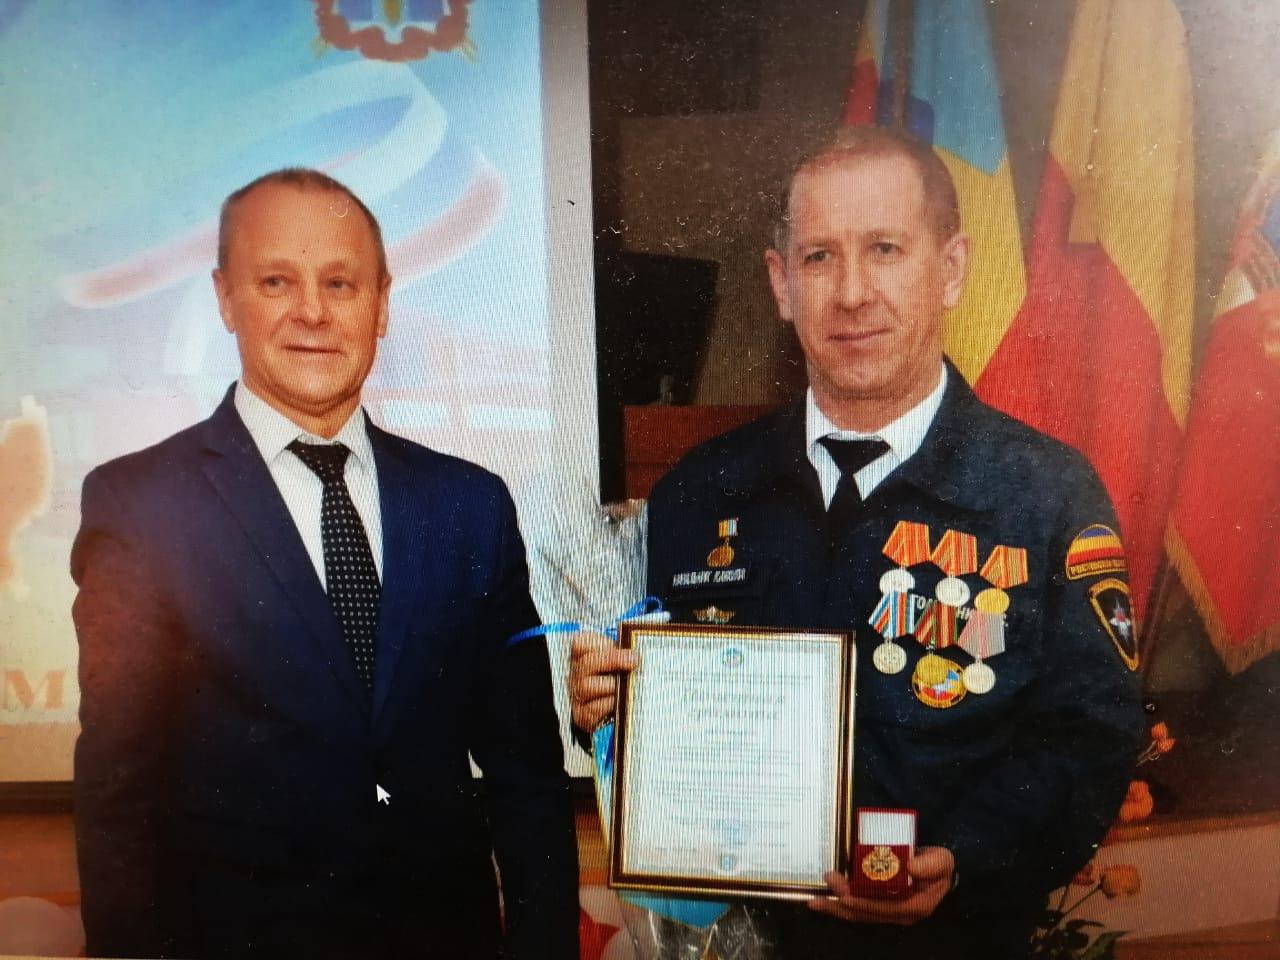 Е.С. Голубенко, пожарный из Верхнемакеевки, получил заслуженную награду